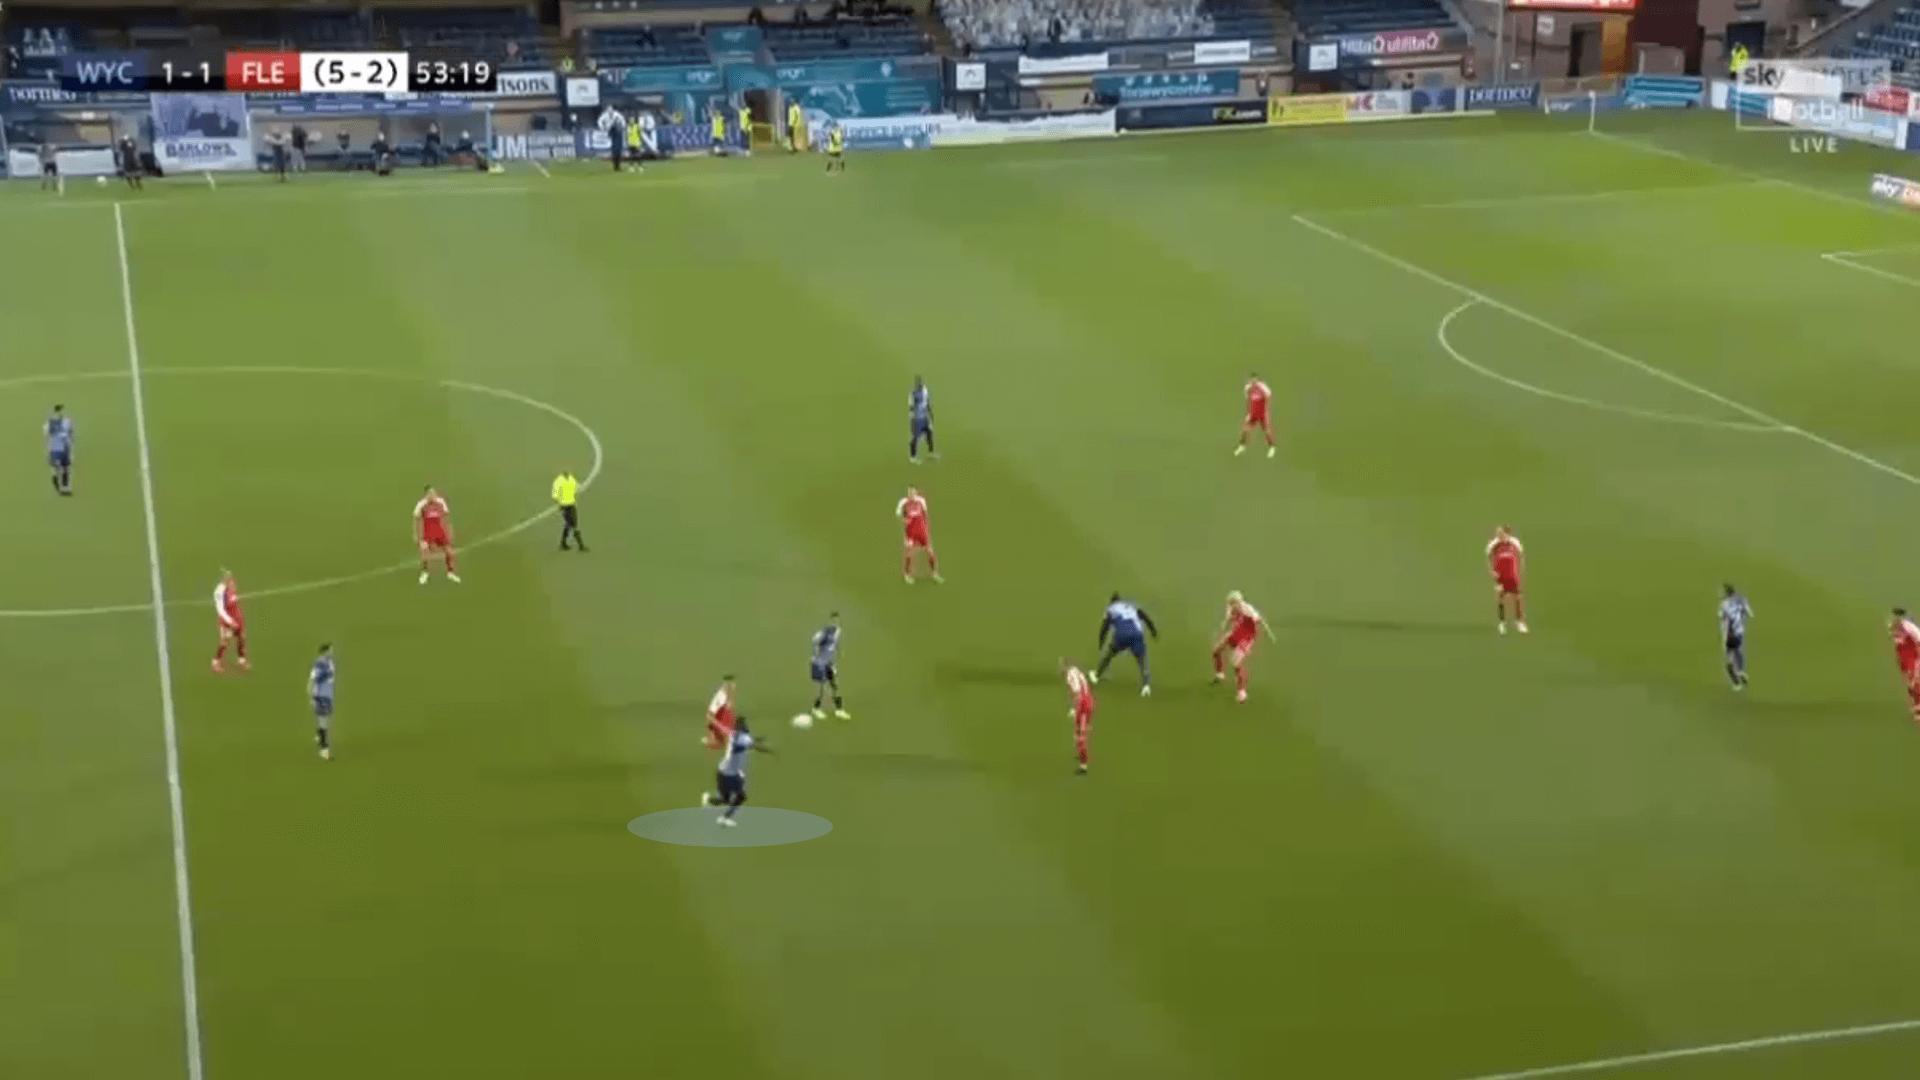 Nnamdi Ofoborah 2019/20 – scout report - tactical analysis tactics